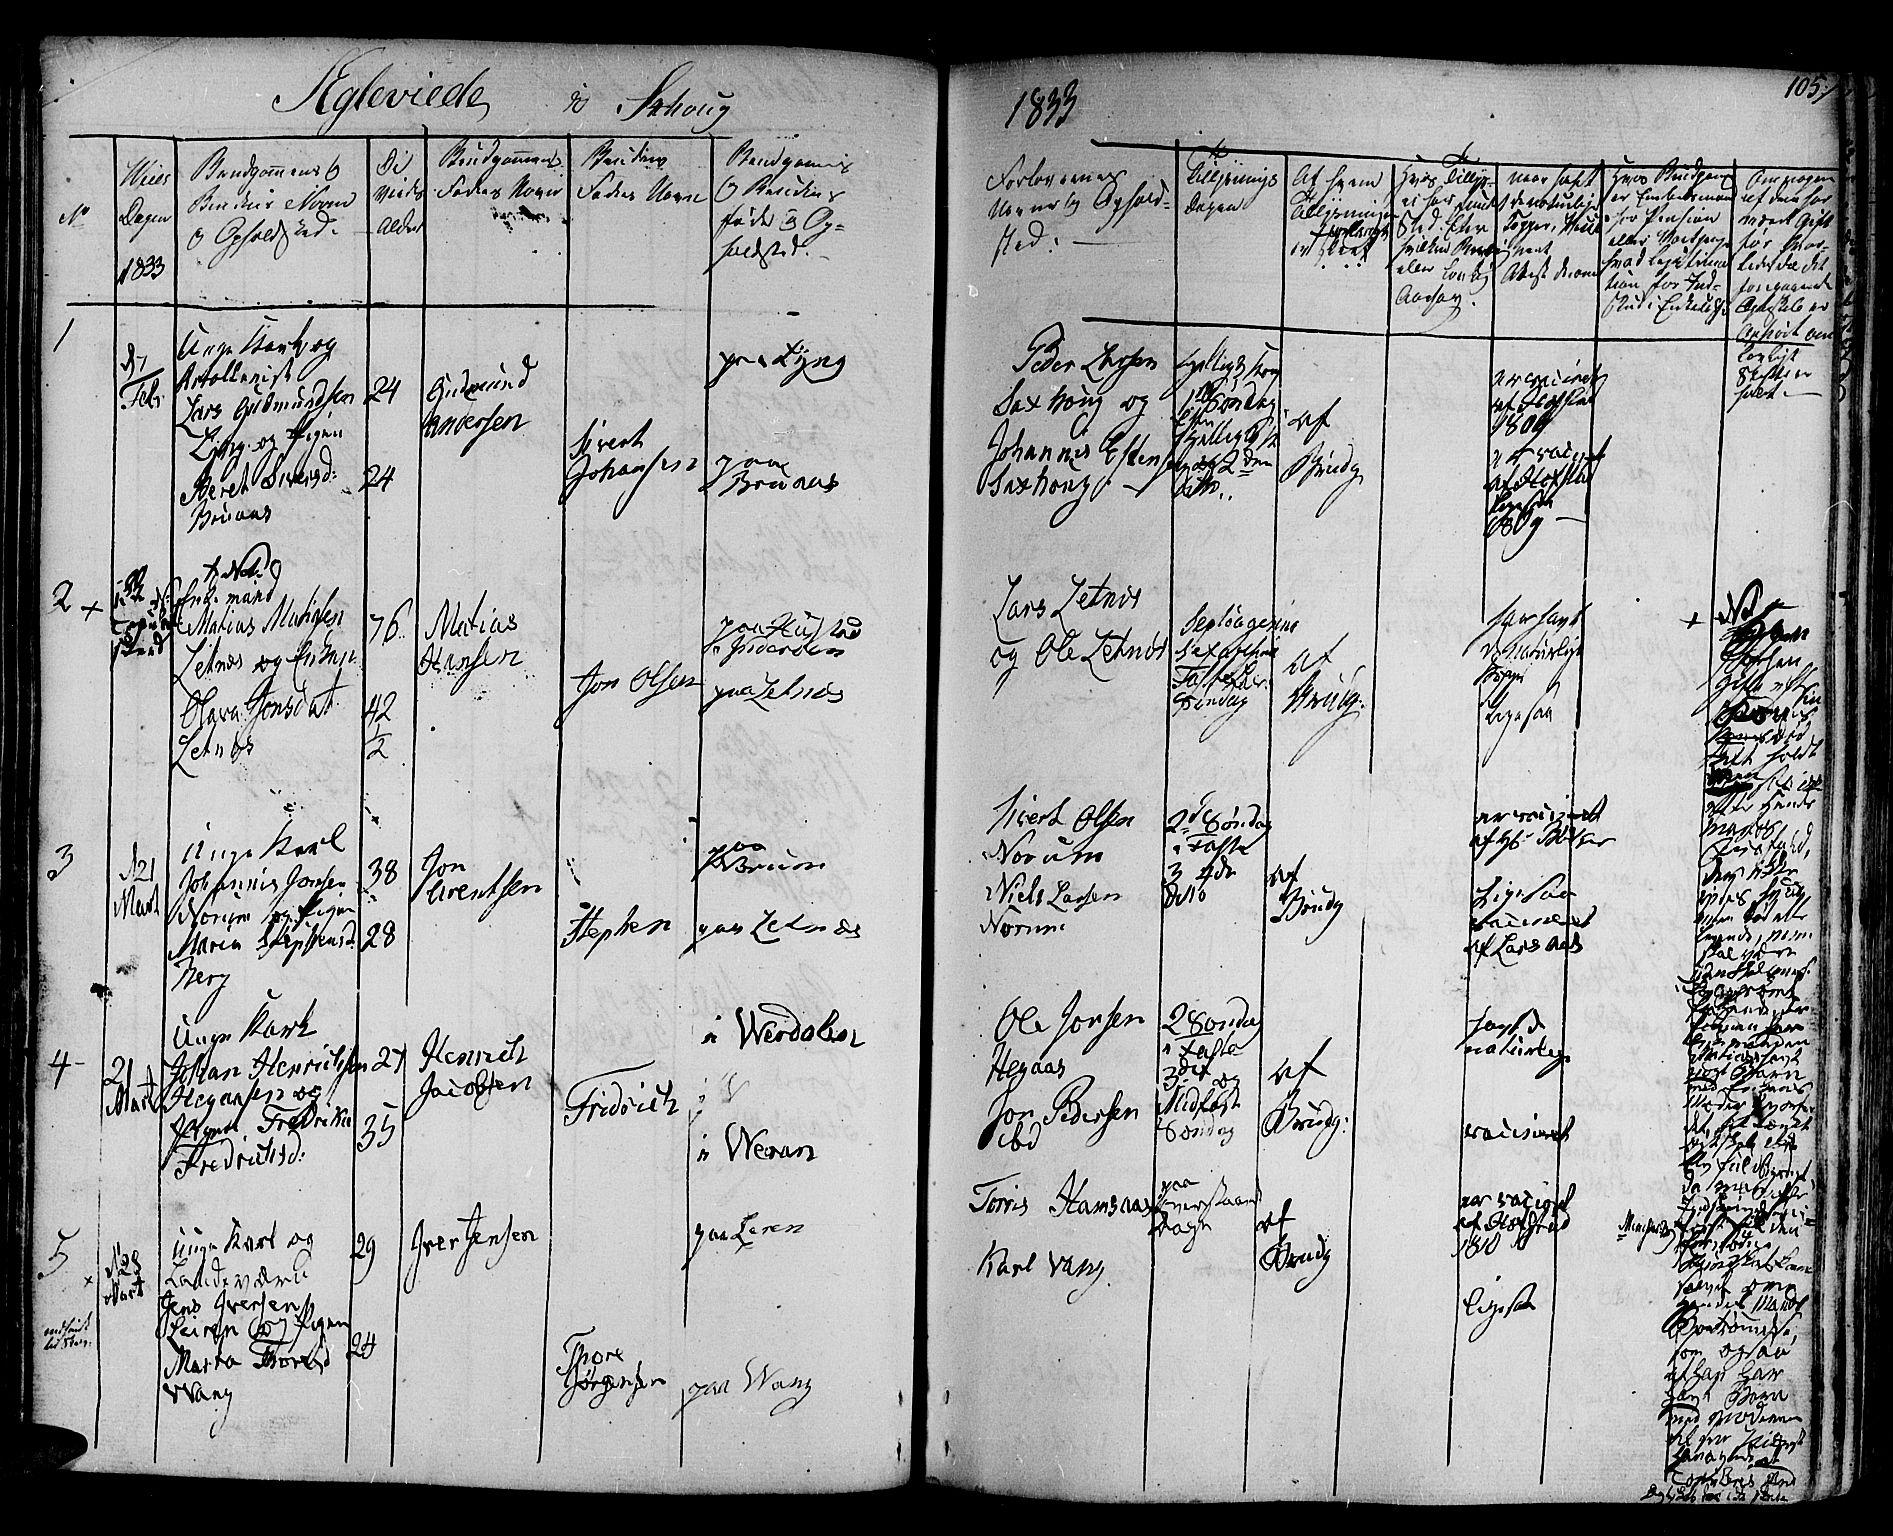 SAT, Ministerialprotokoller, klokkerbøker og fødselsregistre - Nord-Trøndelag, 730/L0277: Ministerialbok nr. 730A06 /1, 1830-1839, s. 105